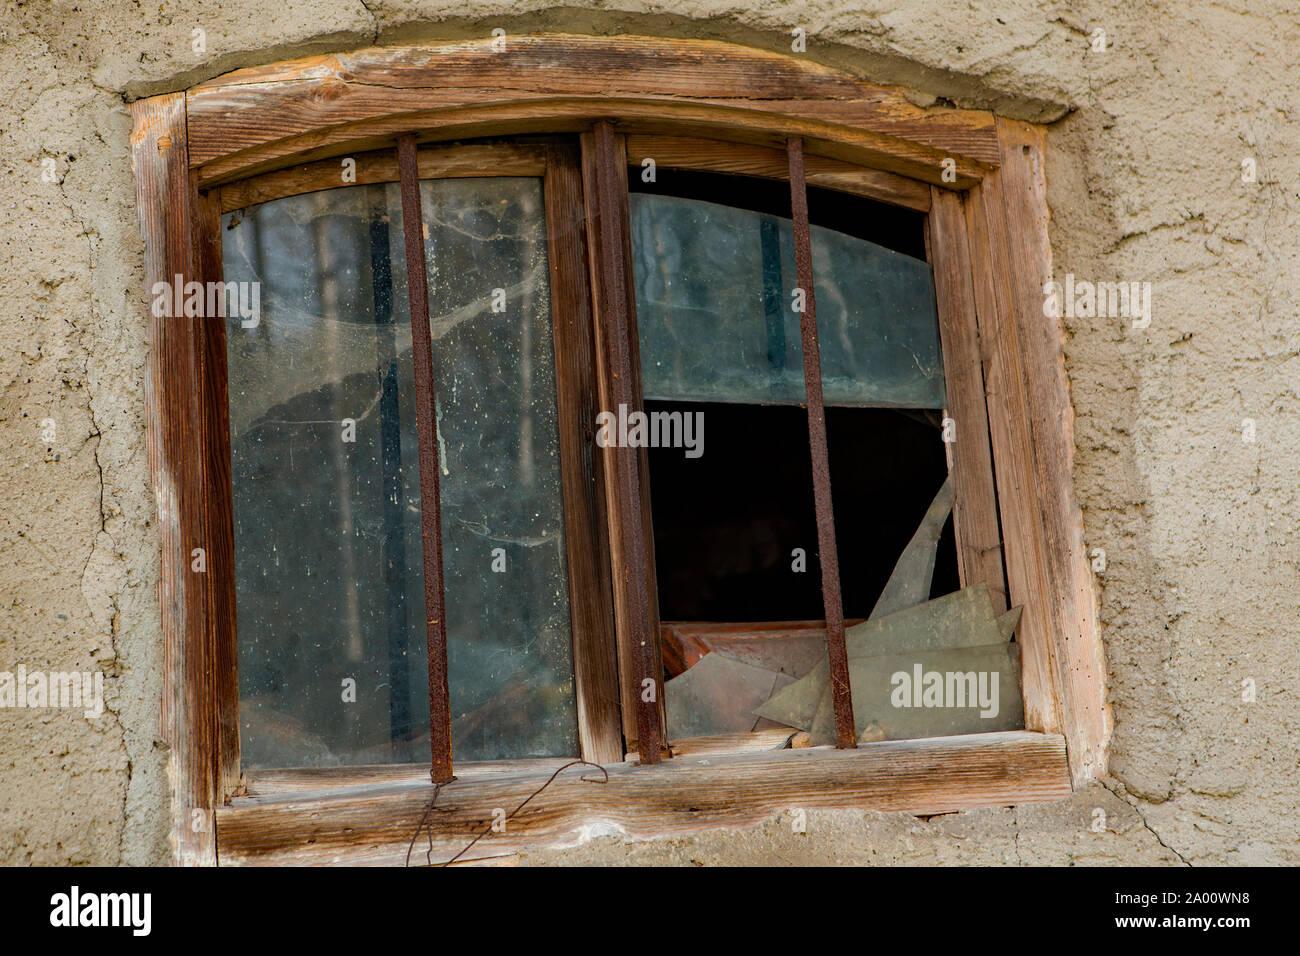 Ferme, vieux, vitre cassée, Buchhofen, Bavière, Allemagne Banque D'Images